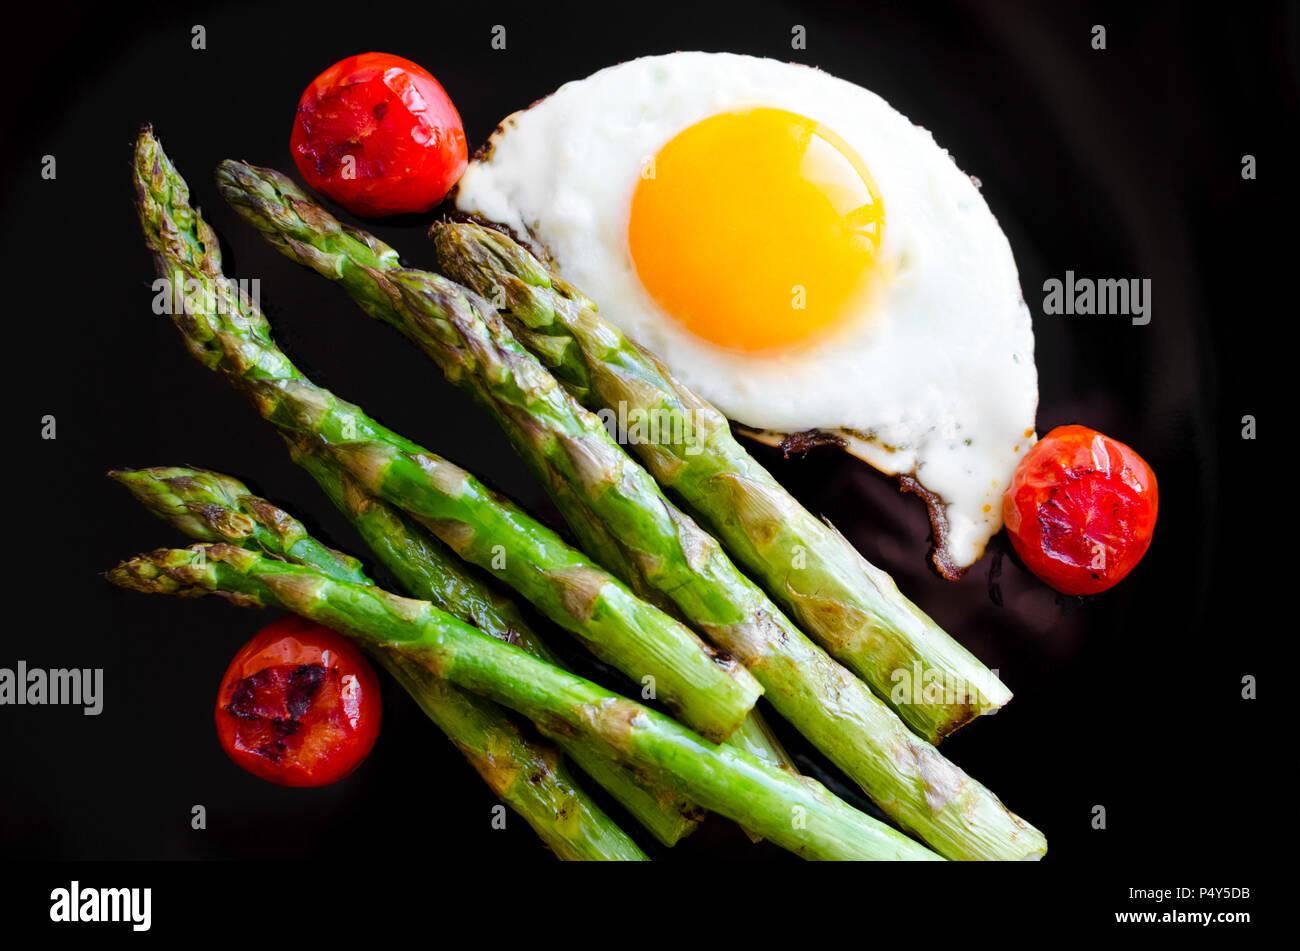 Spiegeleier gebraten und frischen Spargel mit Tomaten cherry in schwarze Platte. Gesundes Mittagessen Konzept. Leckere, gesunde Ernährung. Ansicht von oben. Stockbild